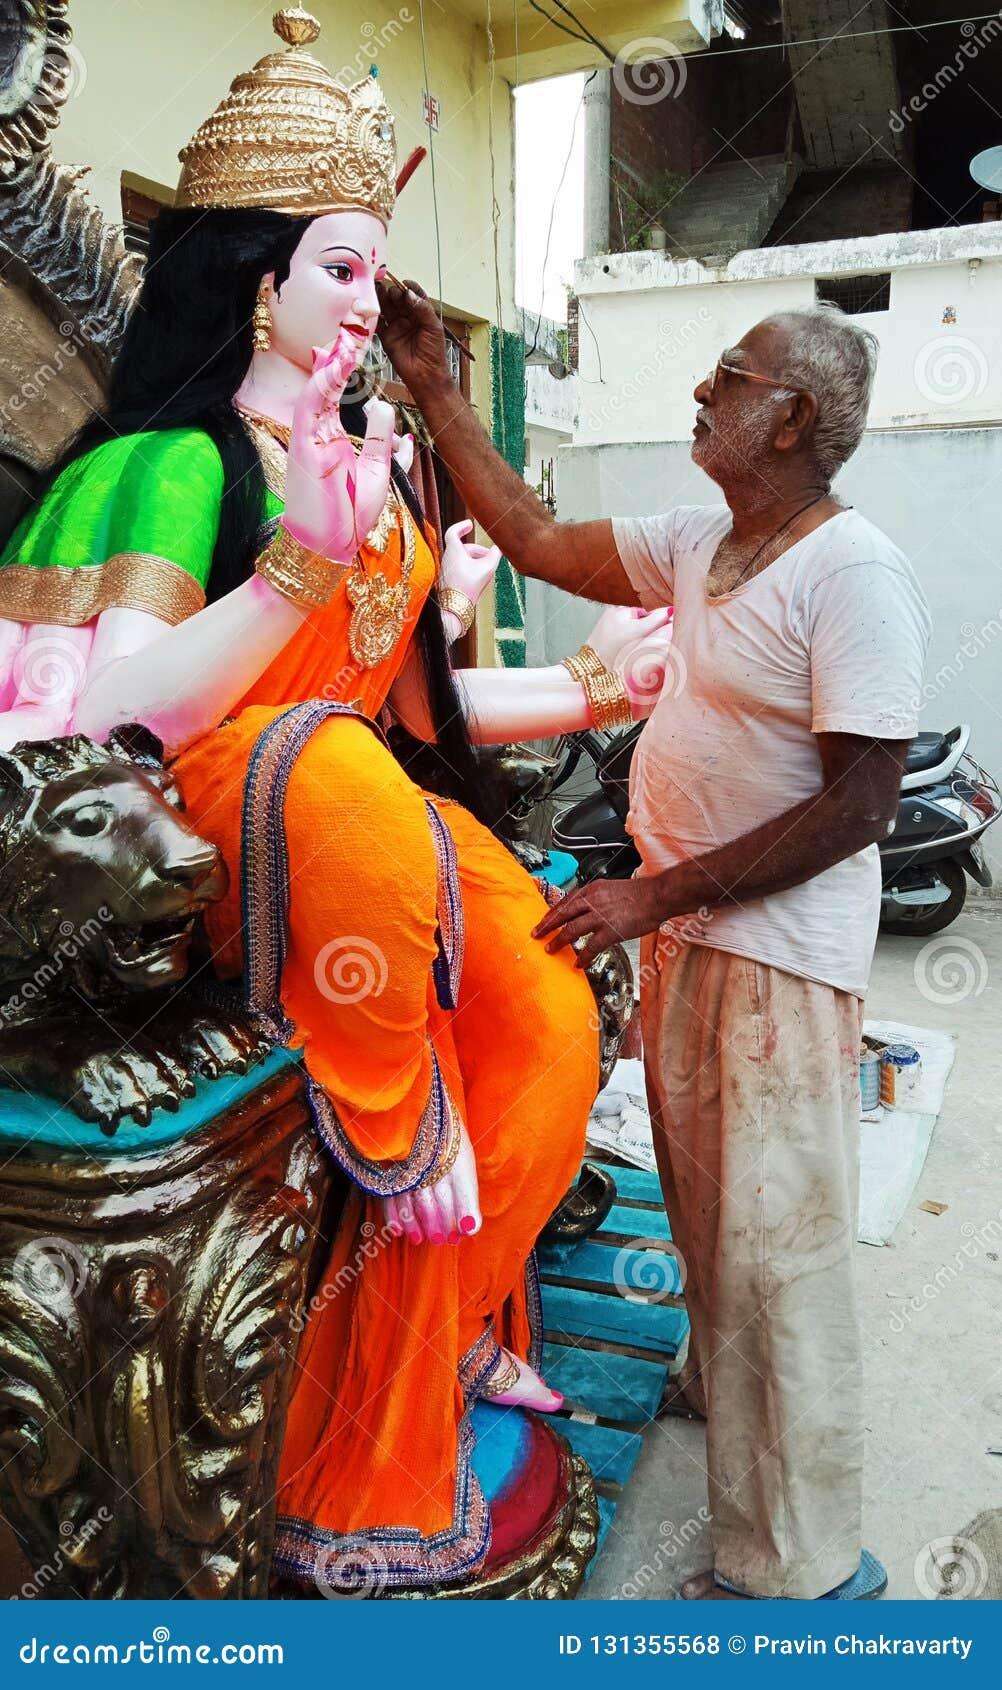 An artist painted on a sculpture of goddess Durga. Indian festival.